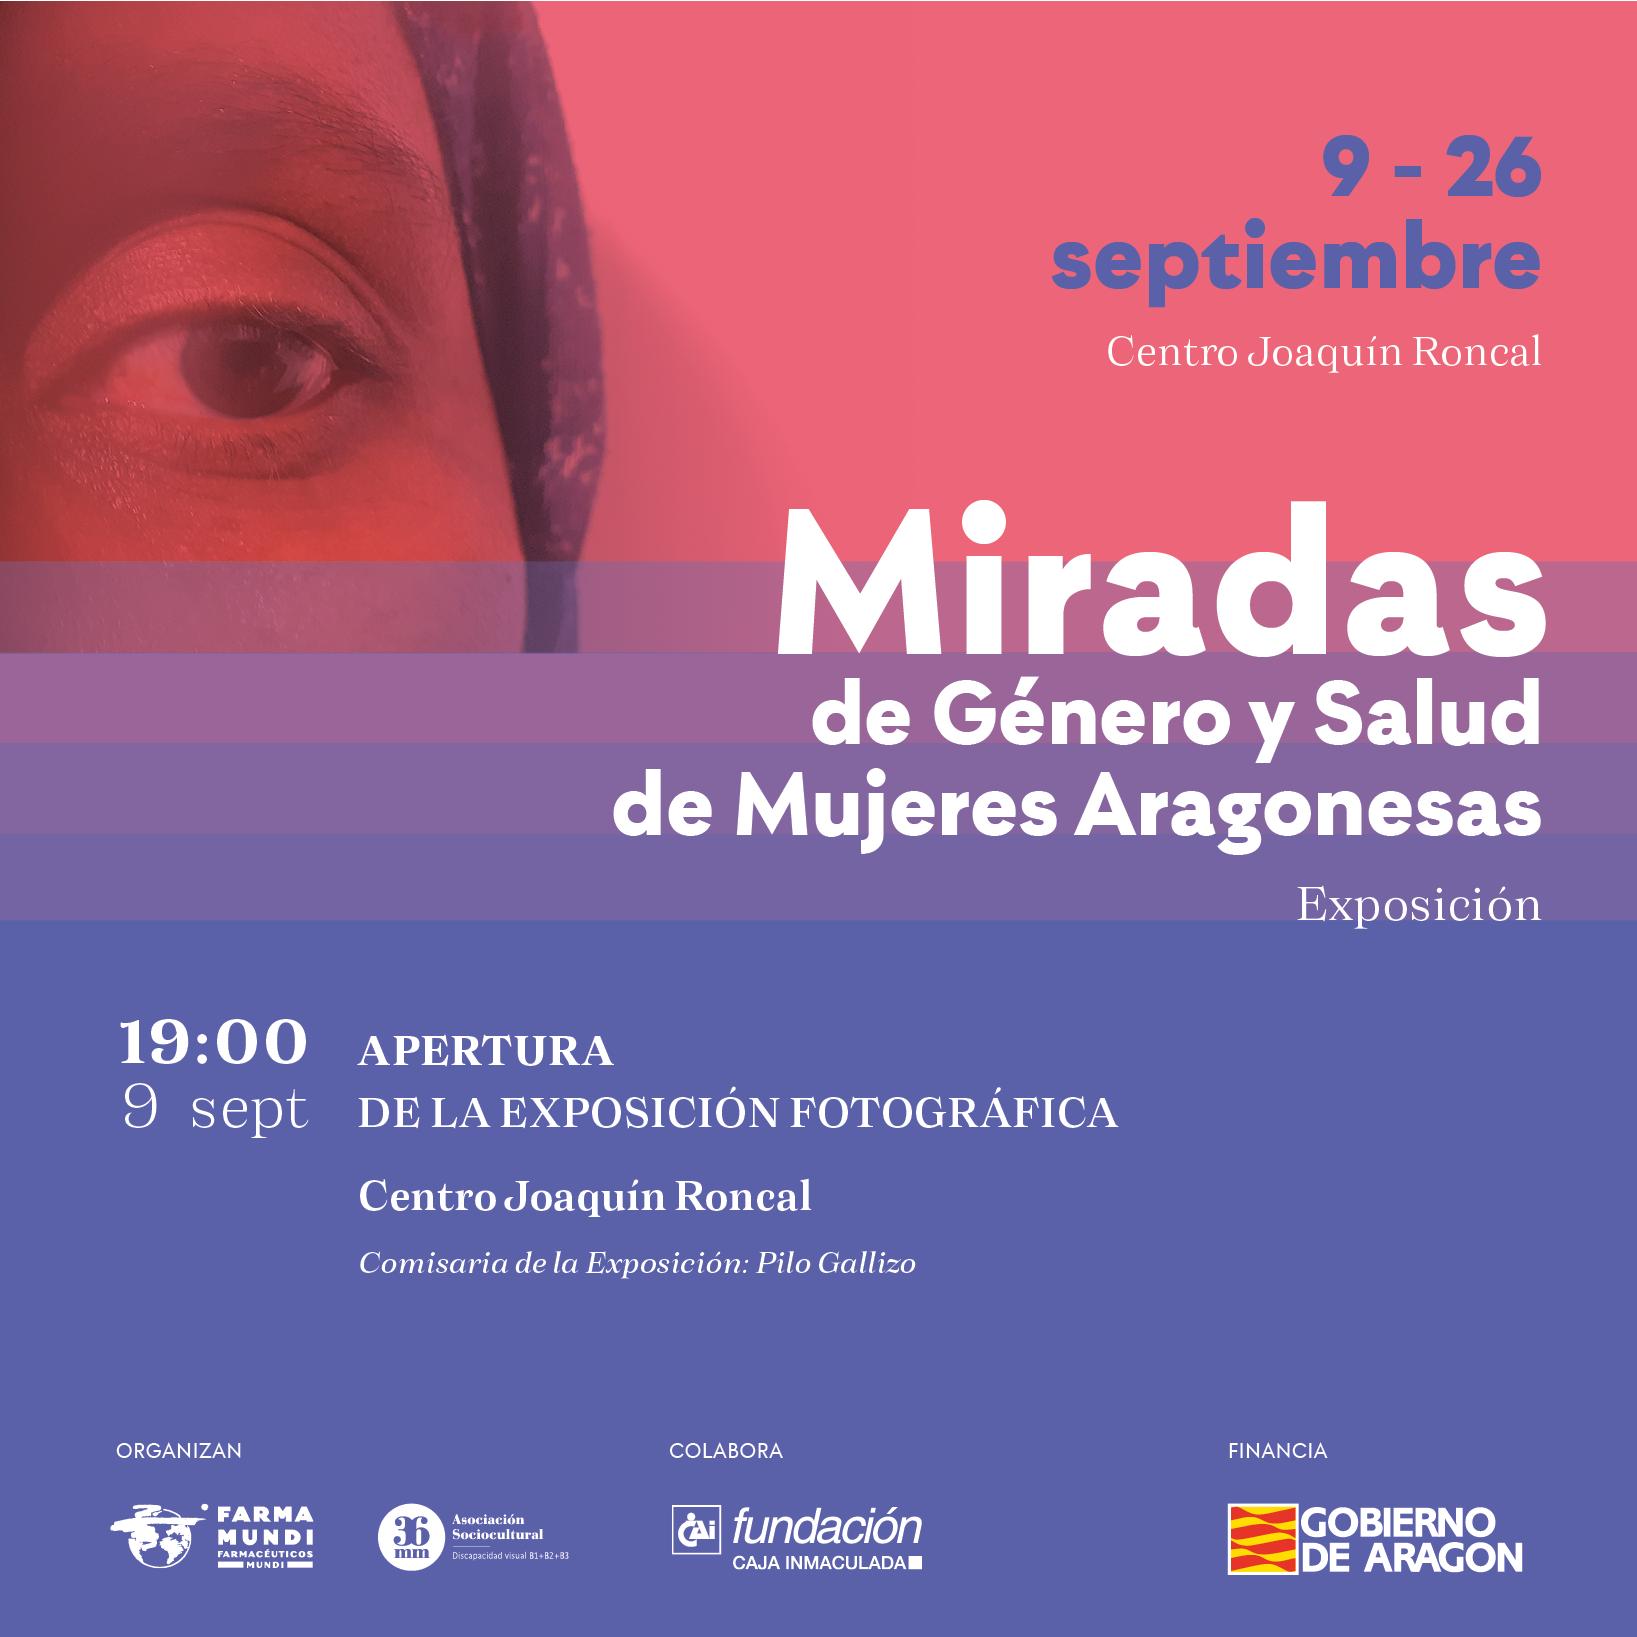 La exposición 'Miradas de Género y Salud de mujeres aragonesas' aterriza en Zaragoza